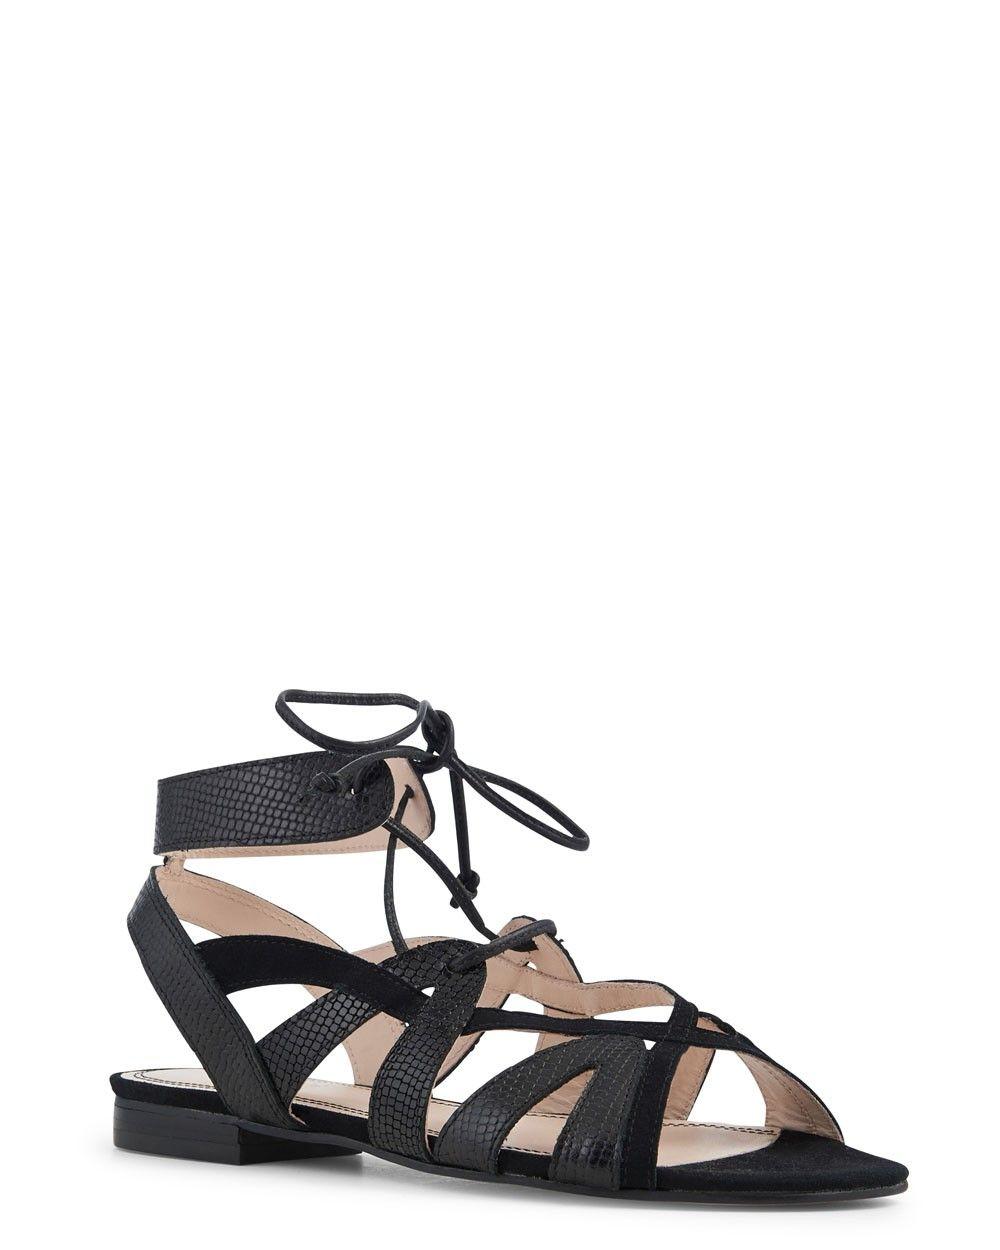 Imprimé Chaussures Noires Femmes Seulement Xs1WWY